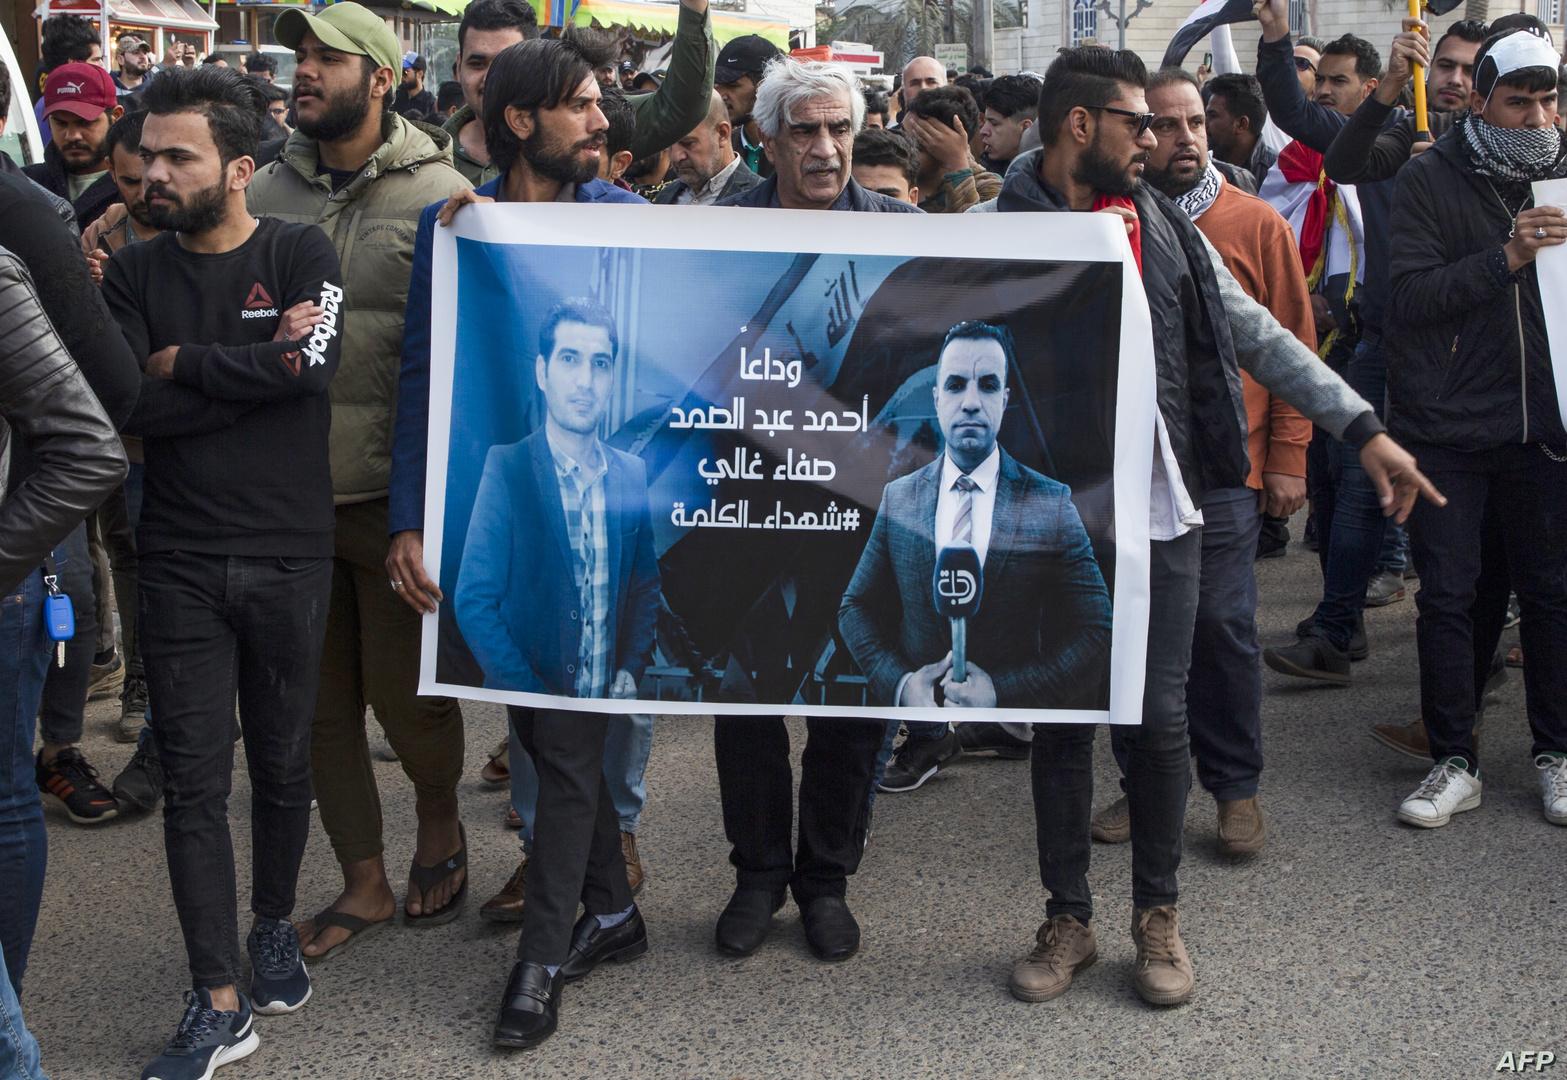 مسيرة استنكار لاغتيال الصحفي أحمد عبد الصمد